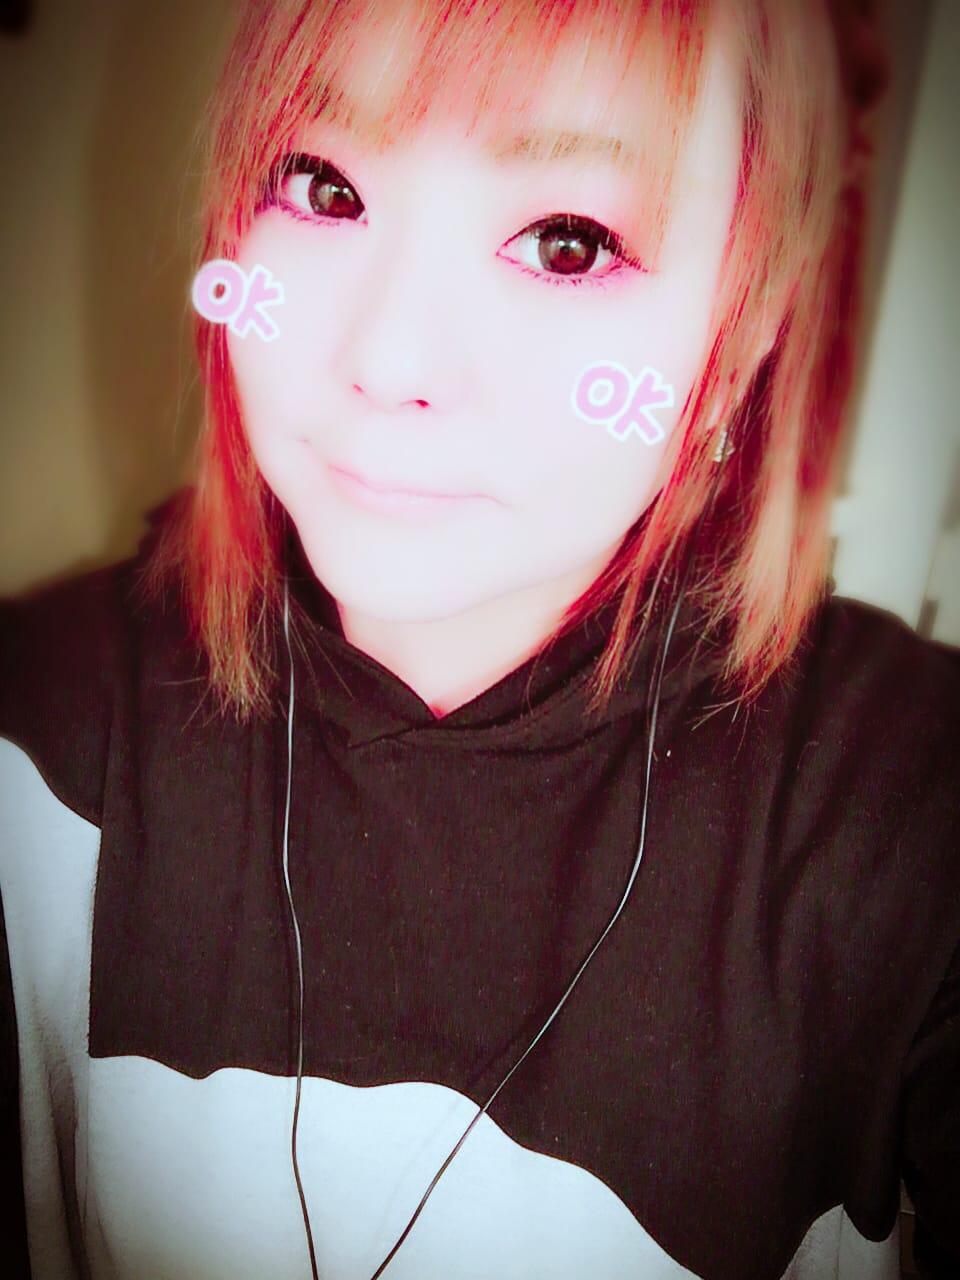 「♡とおるちゃんへ♡」01/14(01/14) 00:01 | まいの写メ・風俗動画